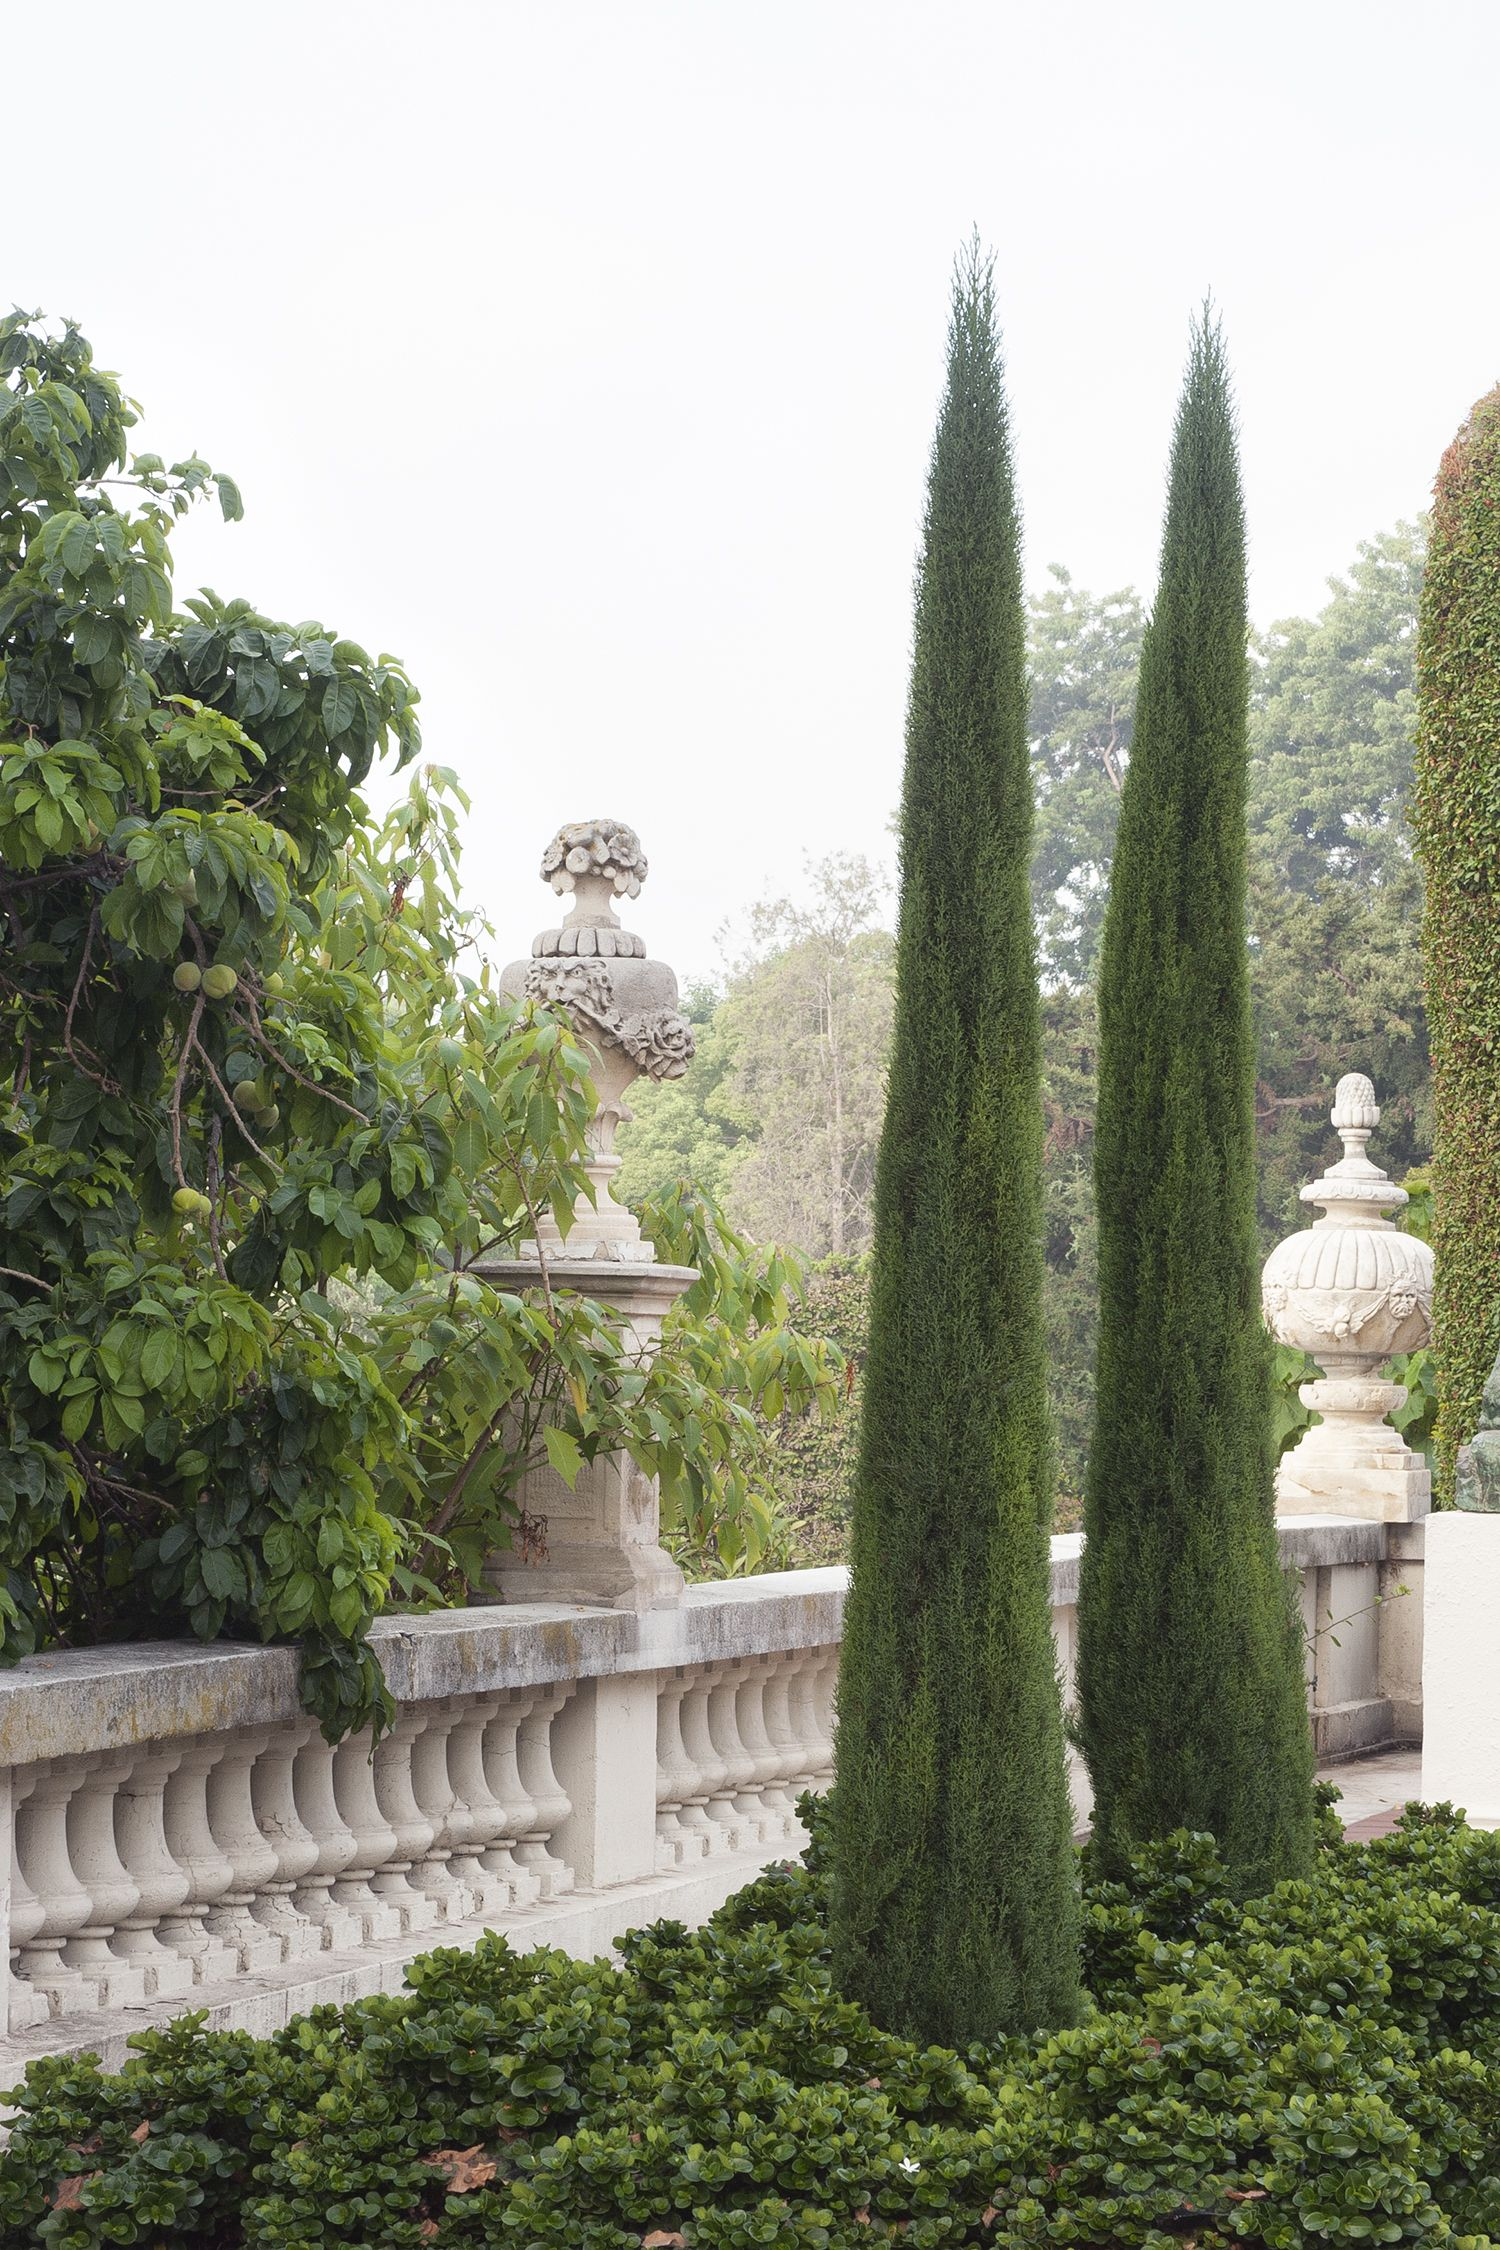 Garden trees for screening  Tiny Tower Italian Cypress  Monrovia  Tiny Tower Italian Cypress